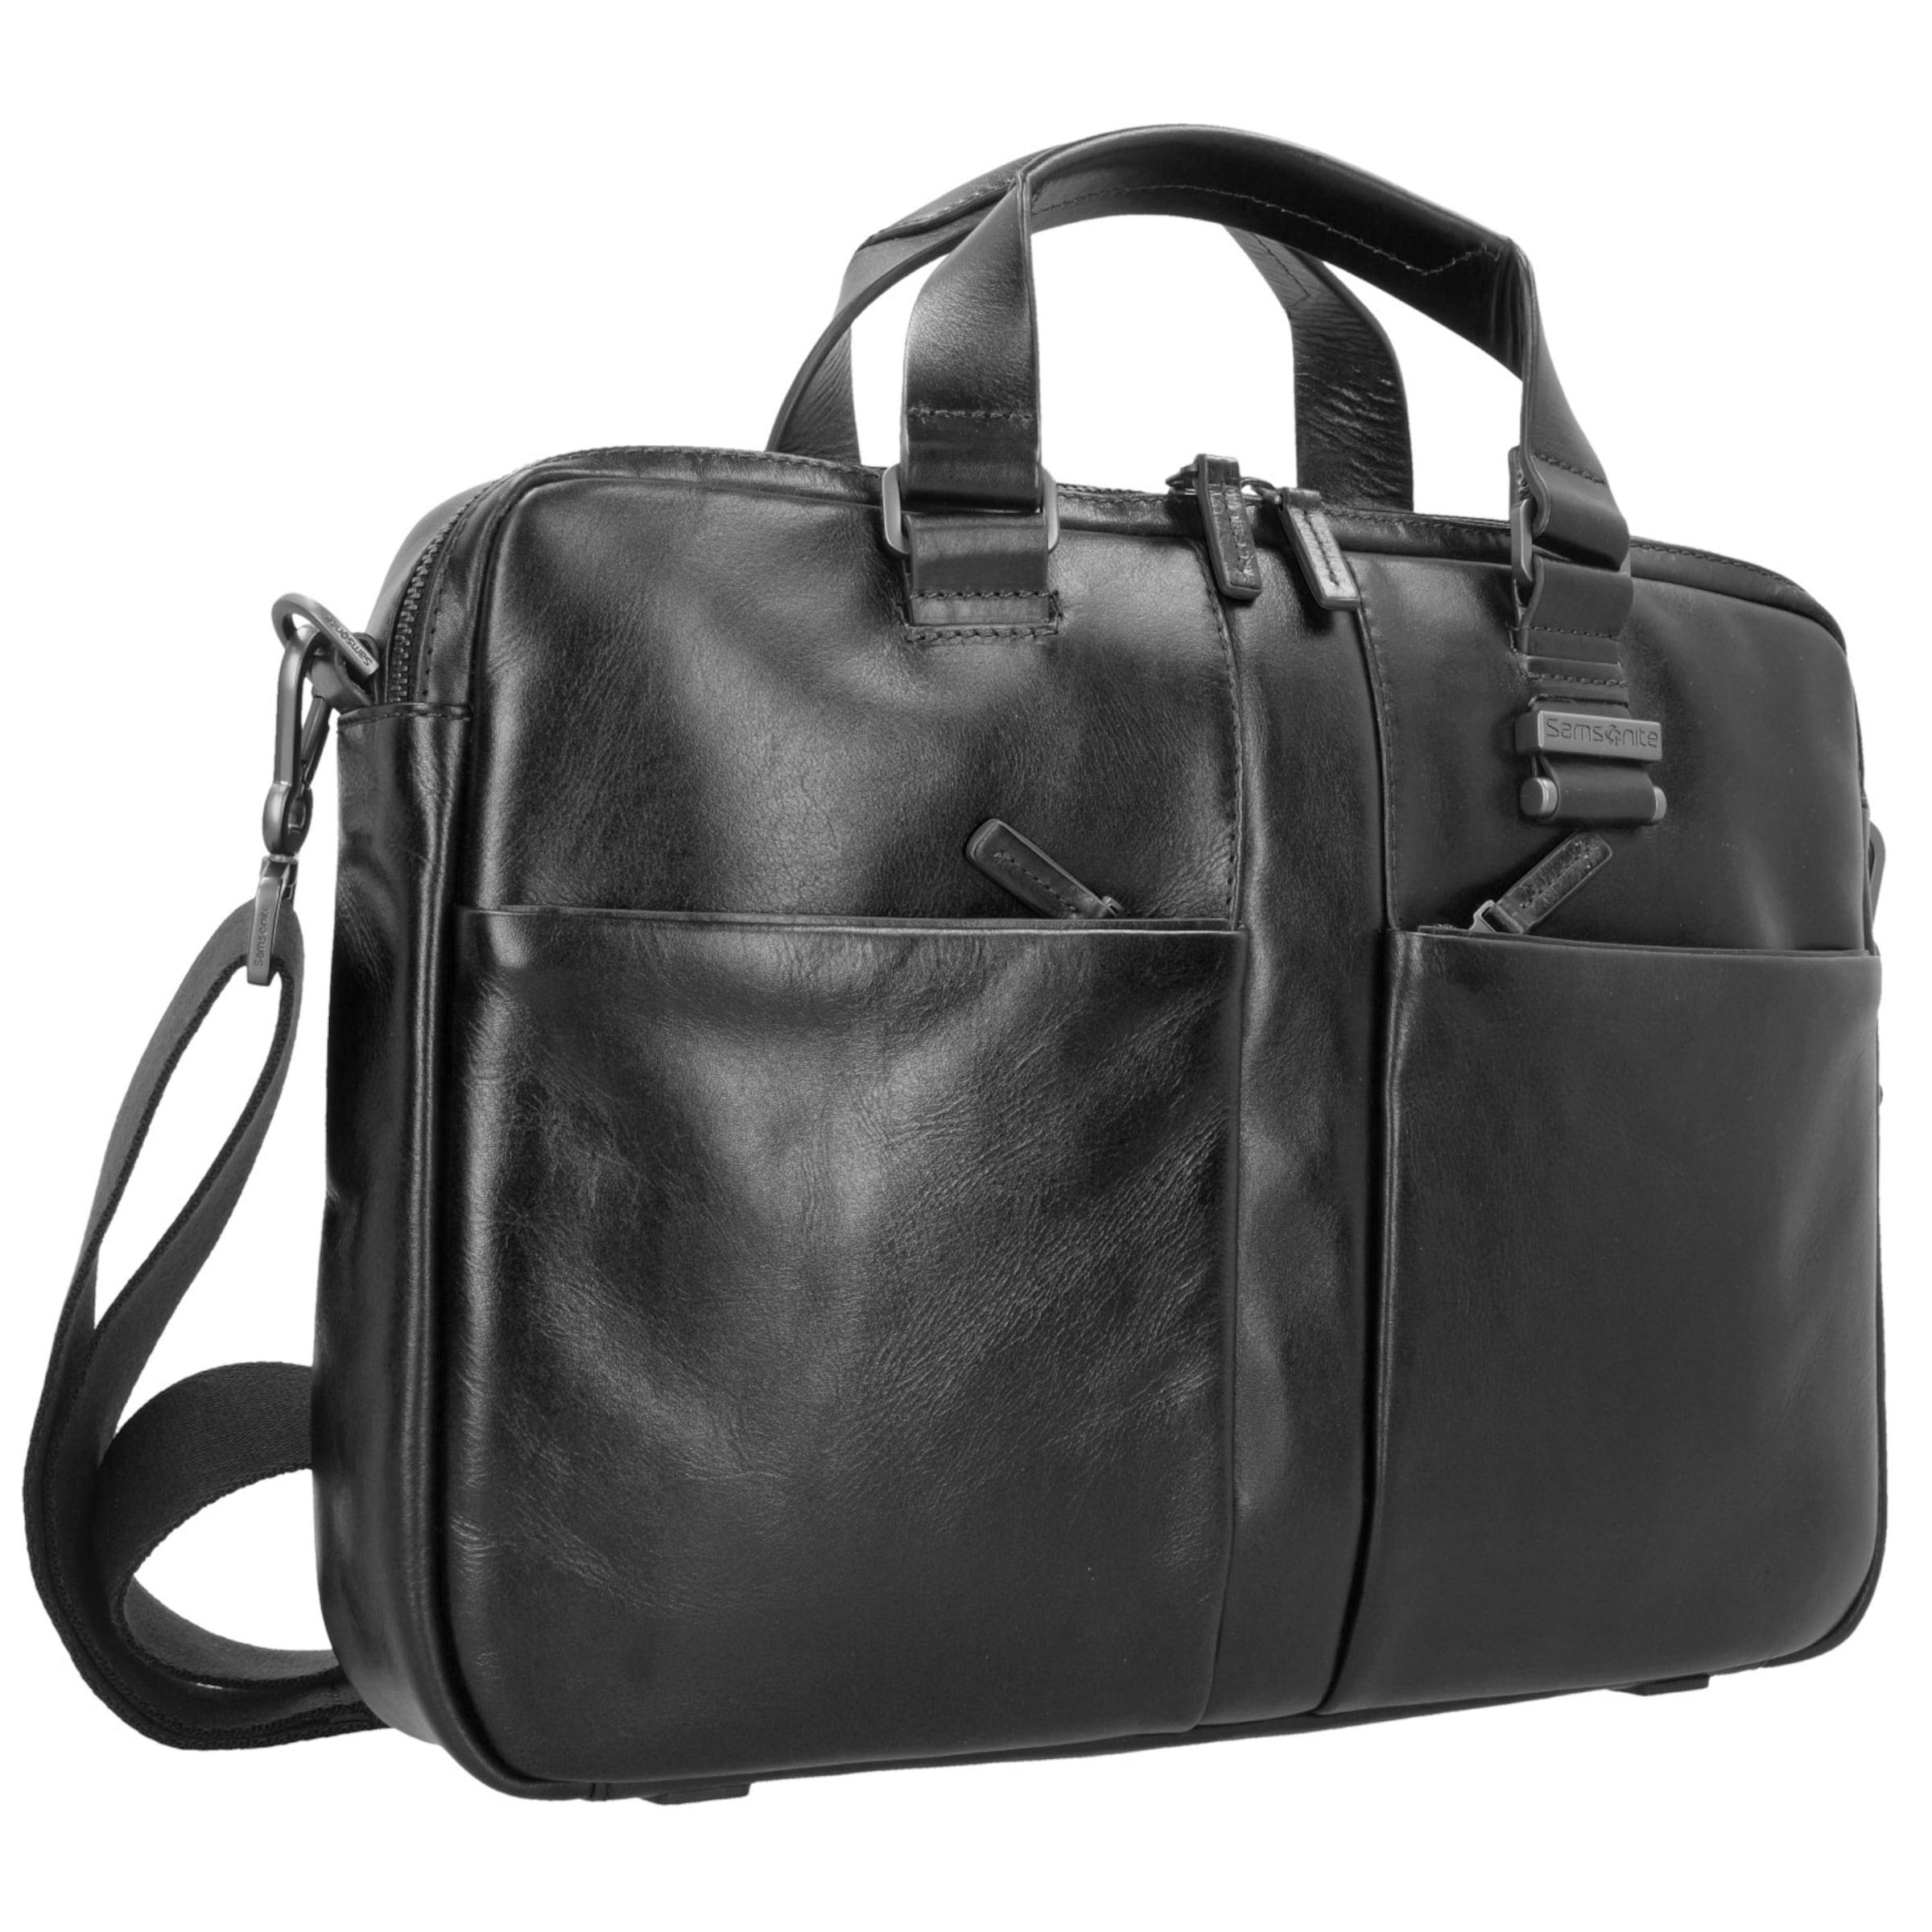 Niedriger Preis Beste Authentisch SAMSONITE West Harbor Businesstasche Leder 39 cm Günstig Versandkosten Verkauf Browse Wahl Online EG7GjaIU